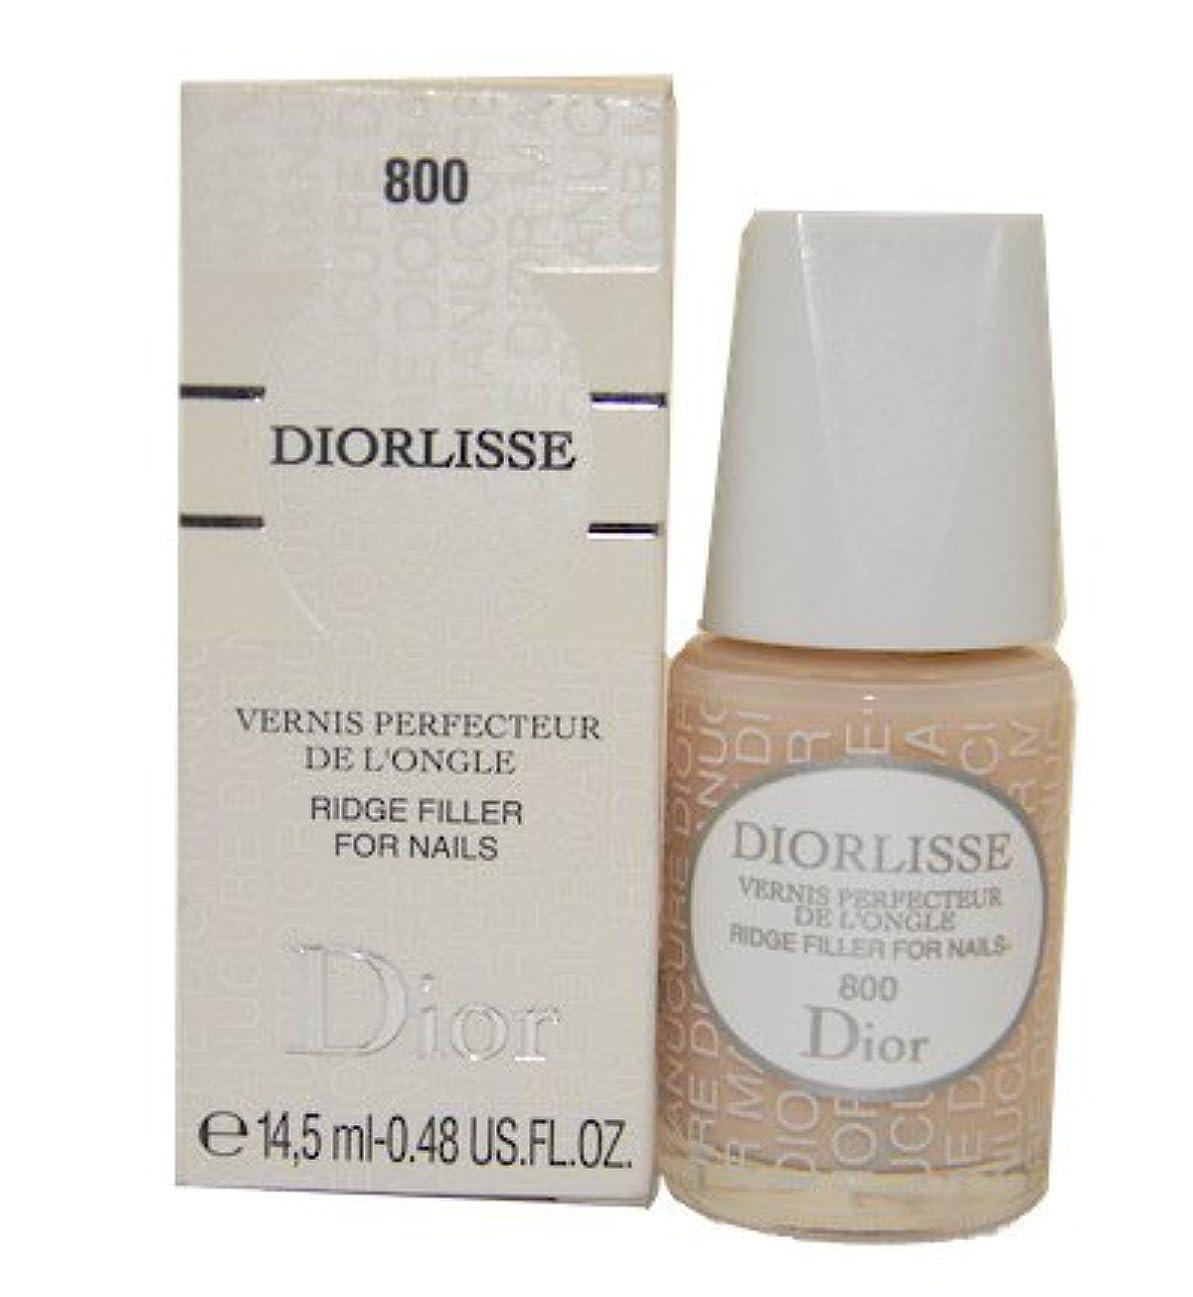 ペック泣いている伝染性のDior Diorlisse Ridge Filler For Nail 800(ディオールリス リッジフィラー フォーネイル 800)[海外直送品] [並行輸入品]